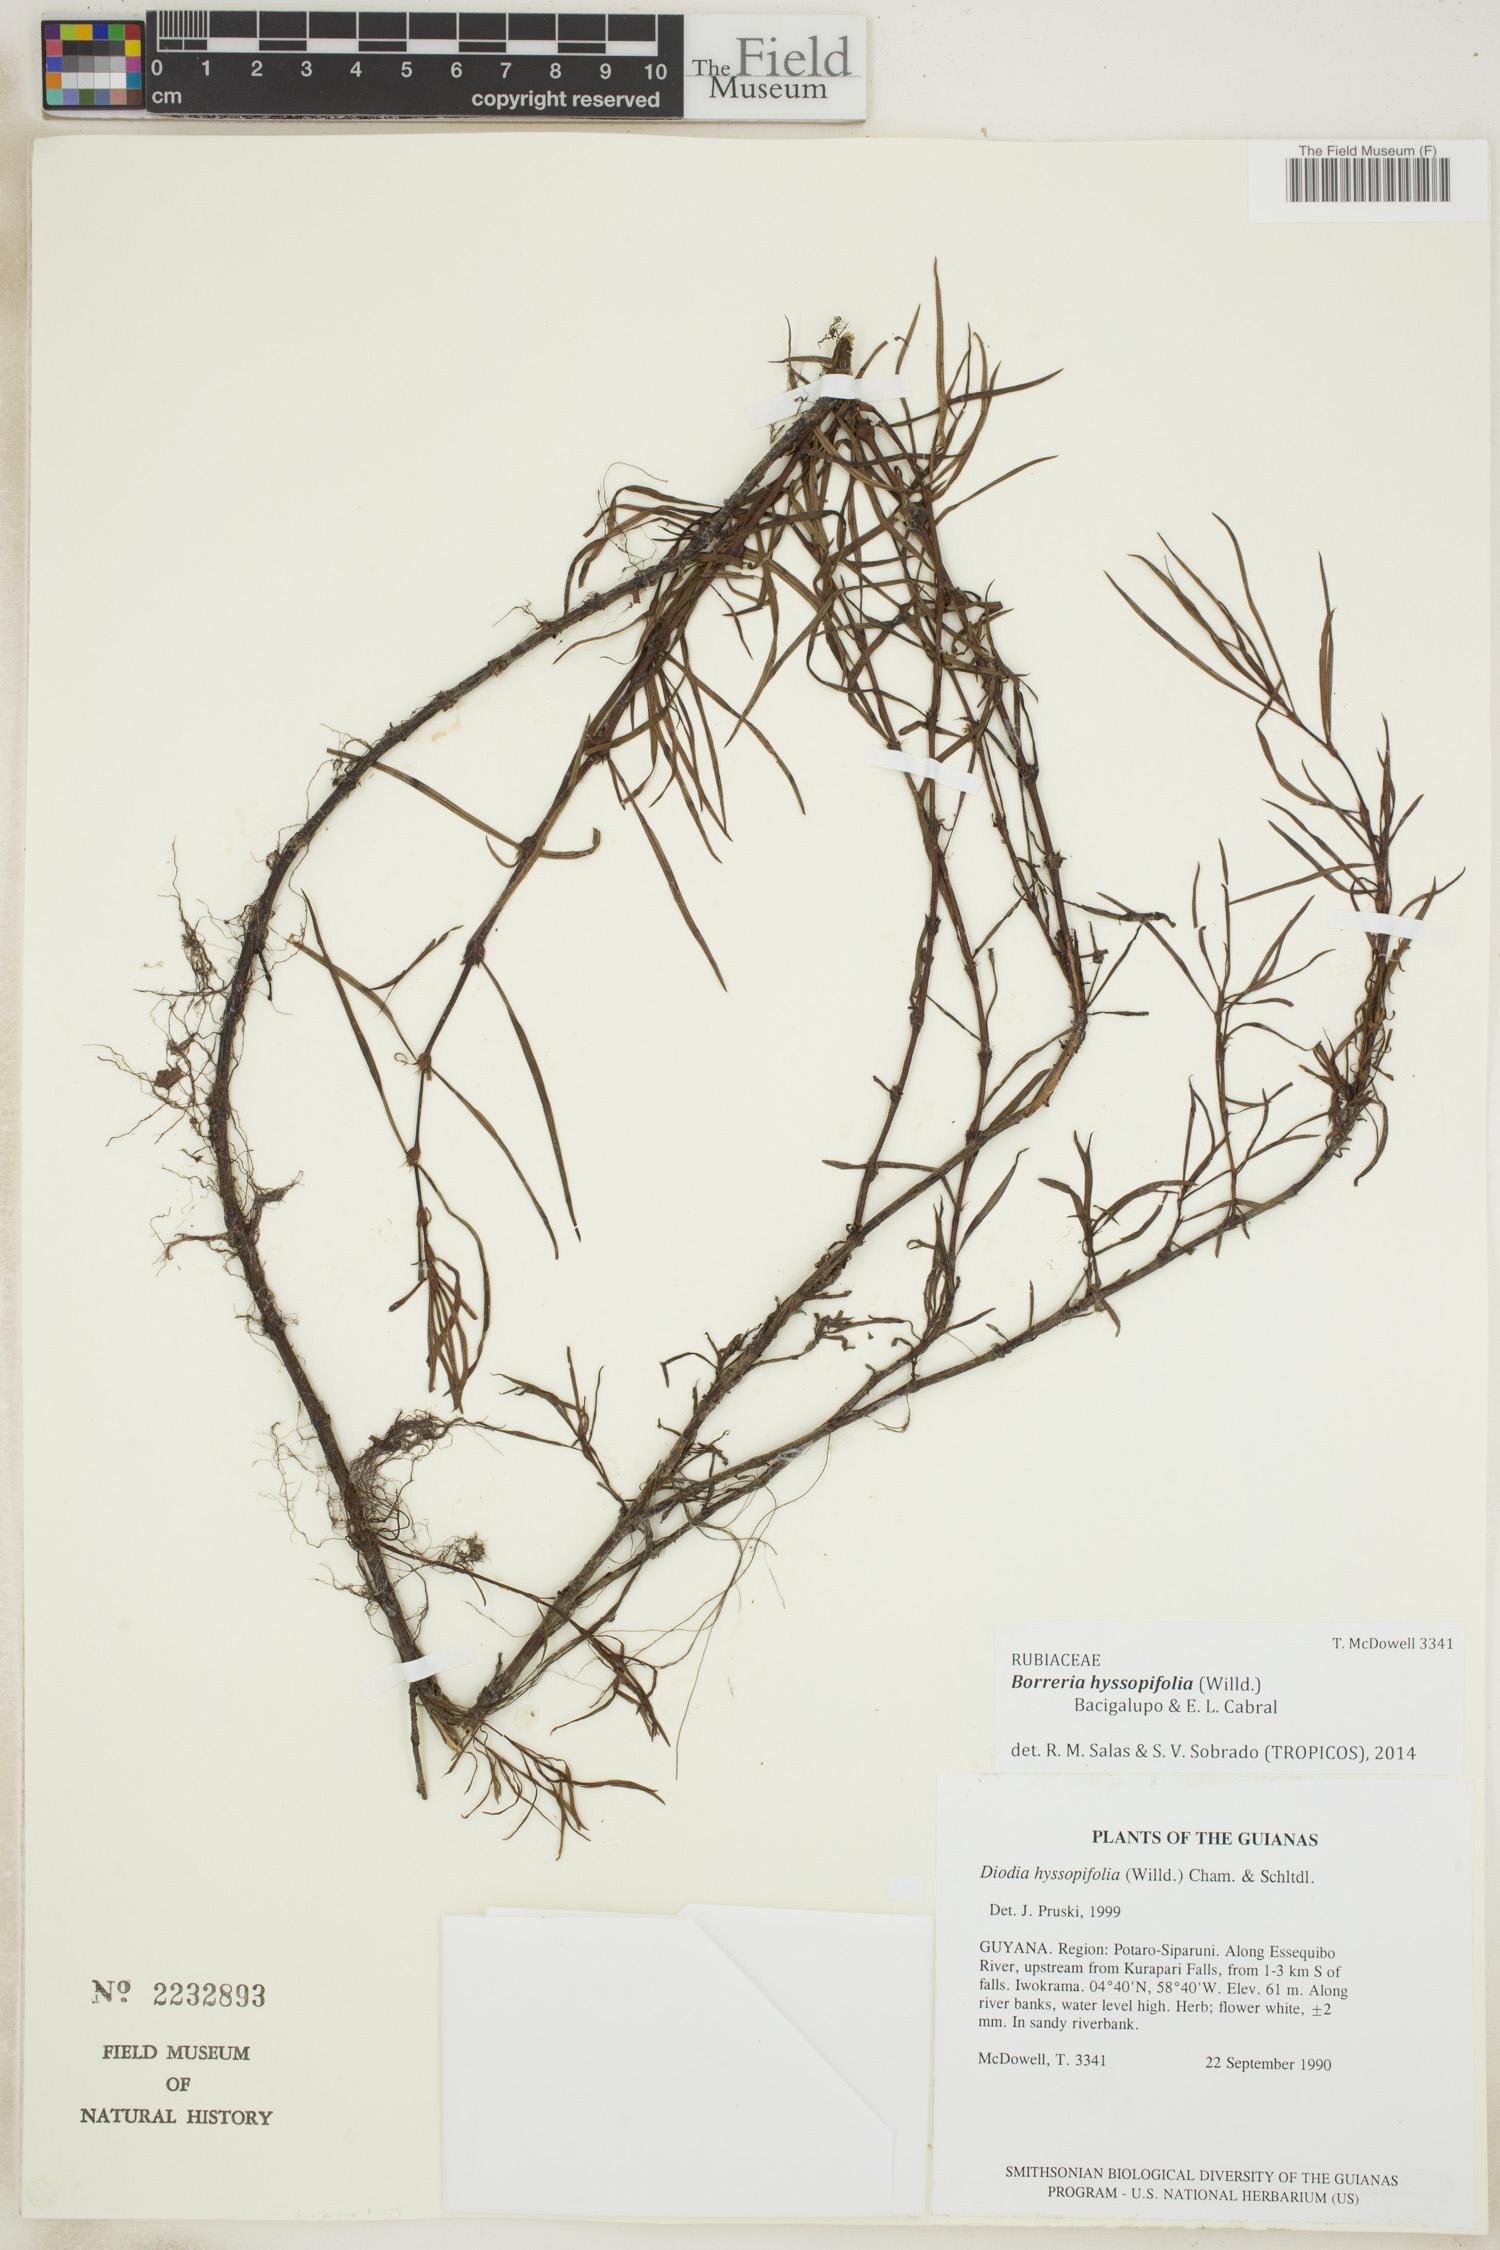 Specimen: Borreria hyssopifolia